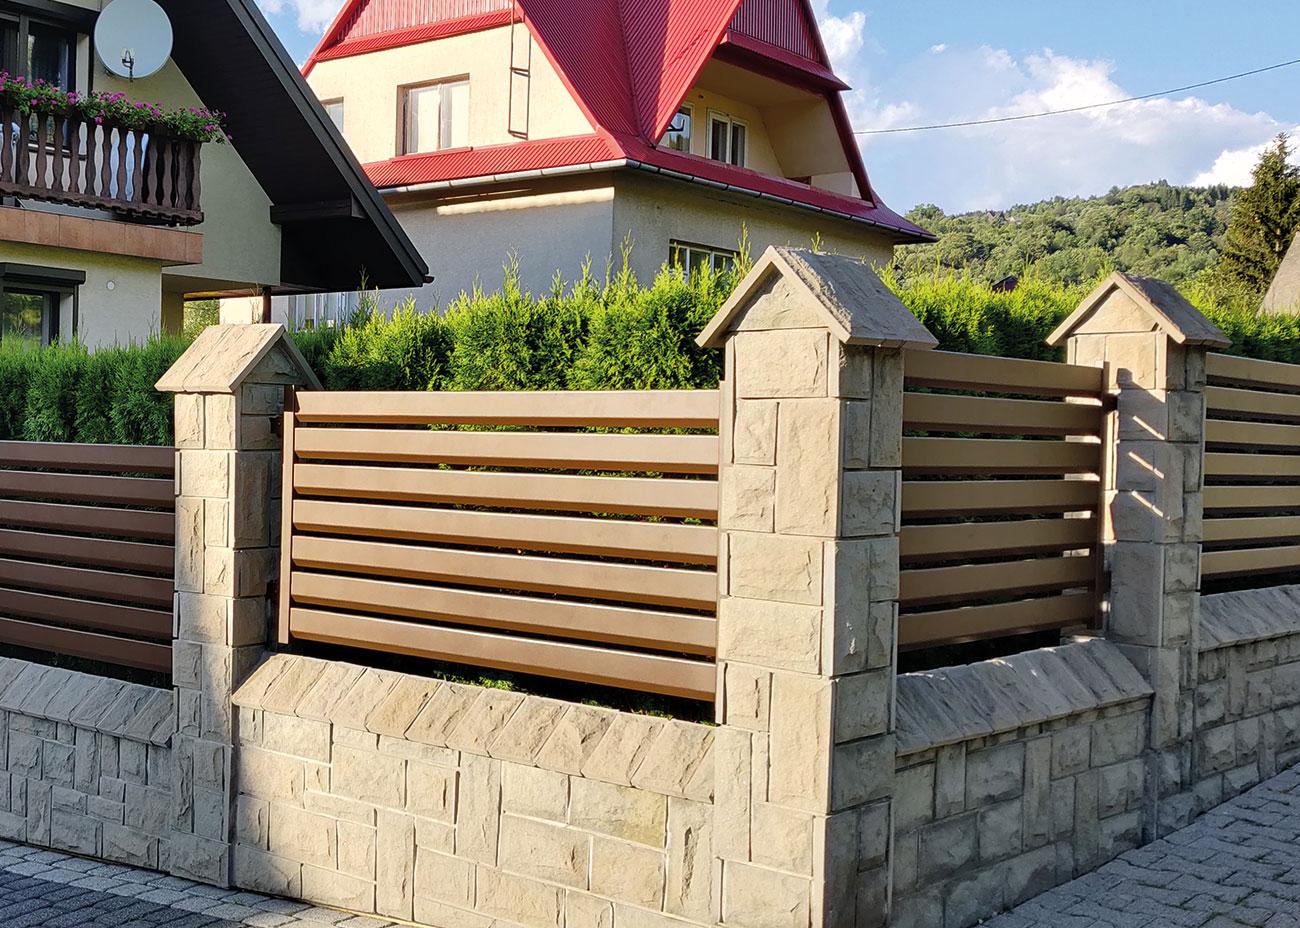 Słupy z metalowym ogrodzeniem